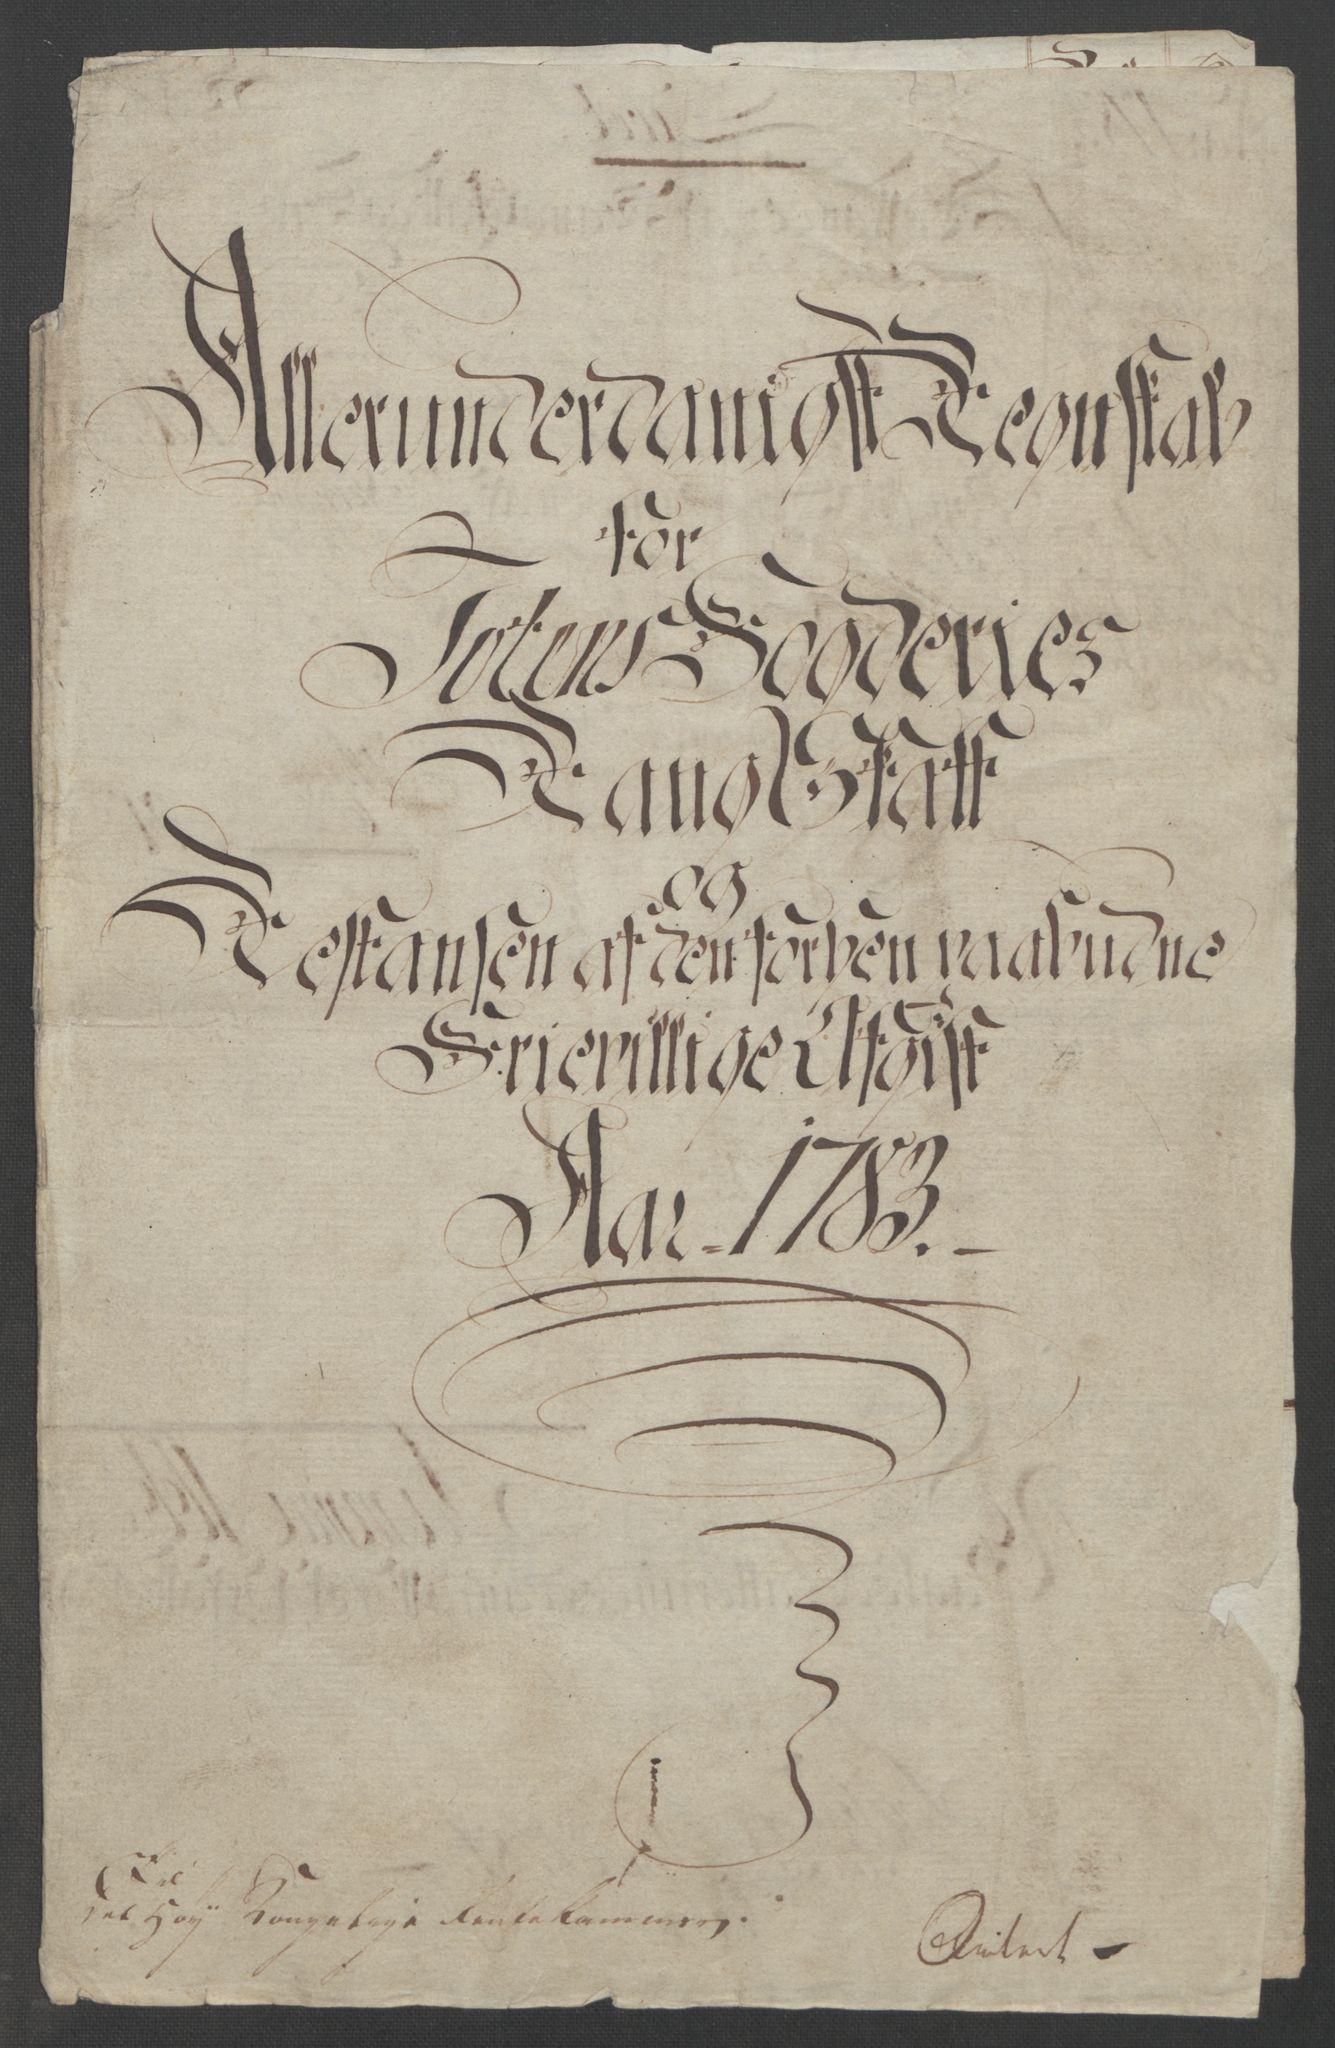 RA, Rentekammeret inntil 1814, Reviderte regnskaper, Fogderegnskap, R19/L1399: Fogderegnskap Toten, Hadeland og Vardal, 1762-1783, s. 566